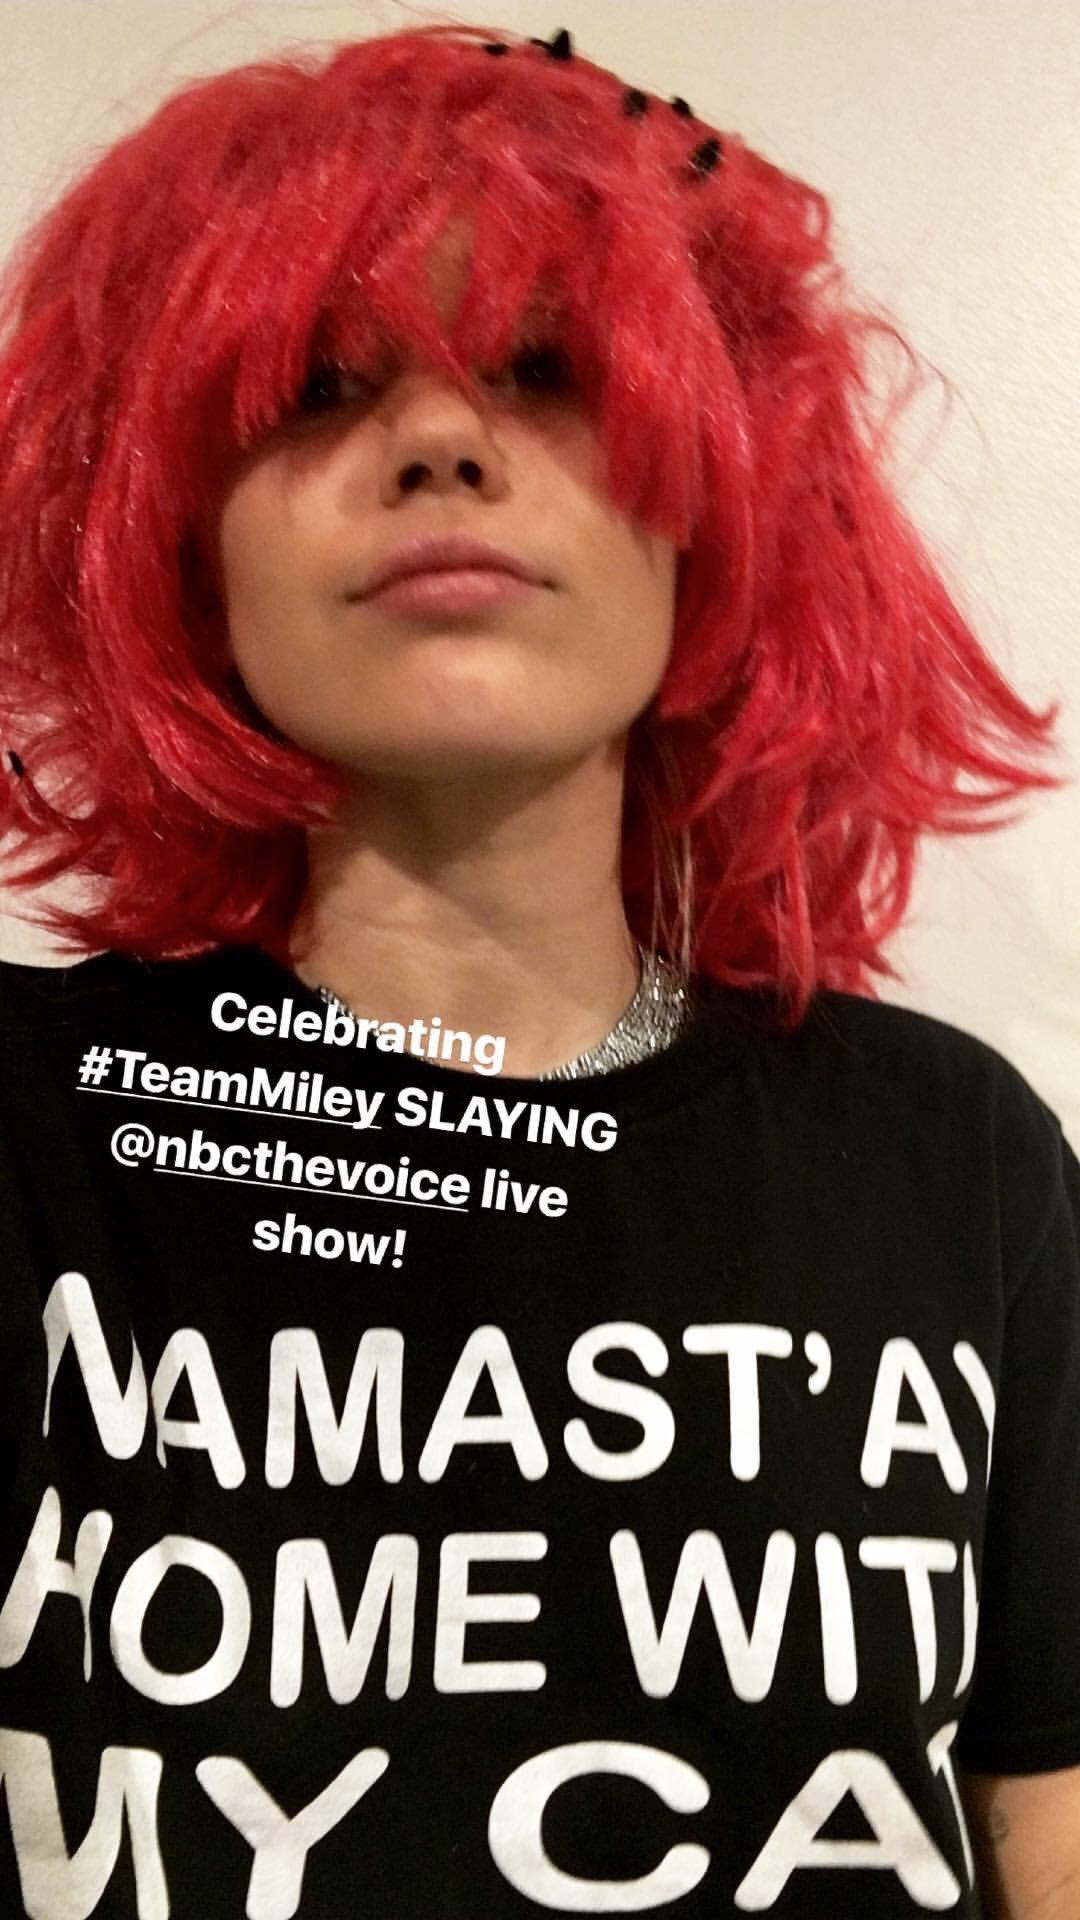 Celebrating #TeamMiley SLAYING @nbcthevoice live show! https://t.co/v8iCtmDaKM